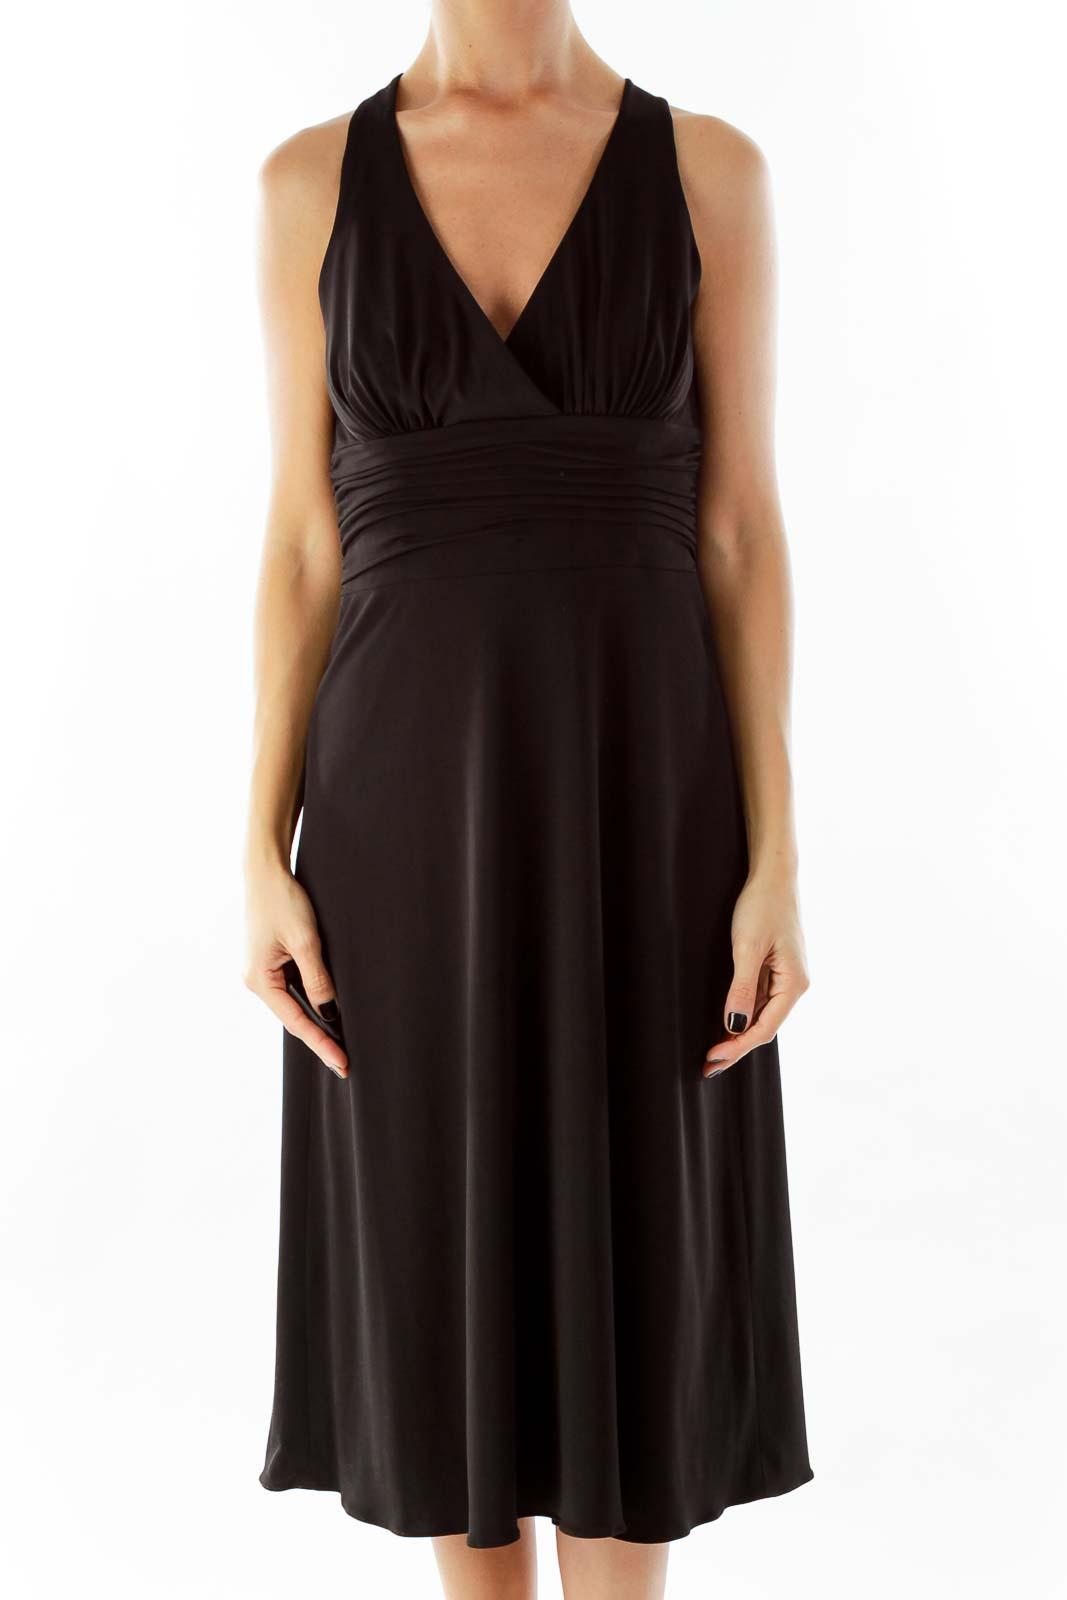 Black V-Neck Scrunched Cocktail Dress Front